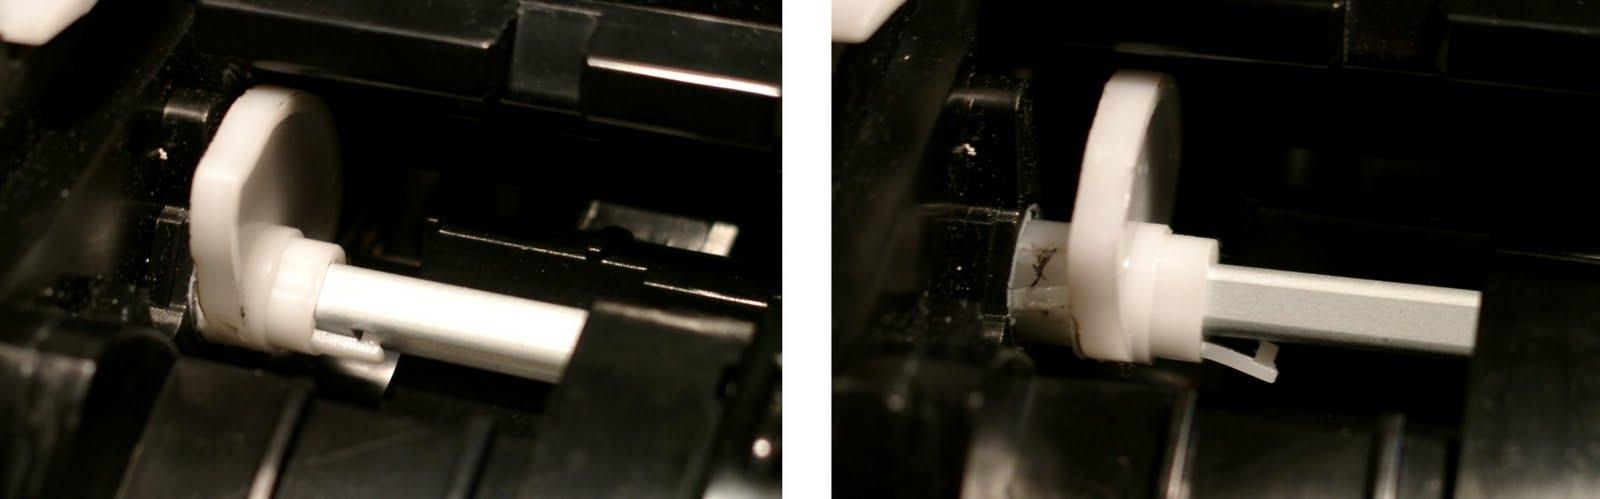 Замятие 2 бумаги в принтере samsung scx-4300